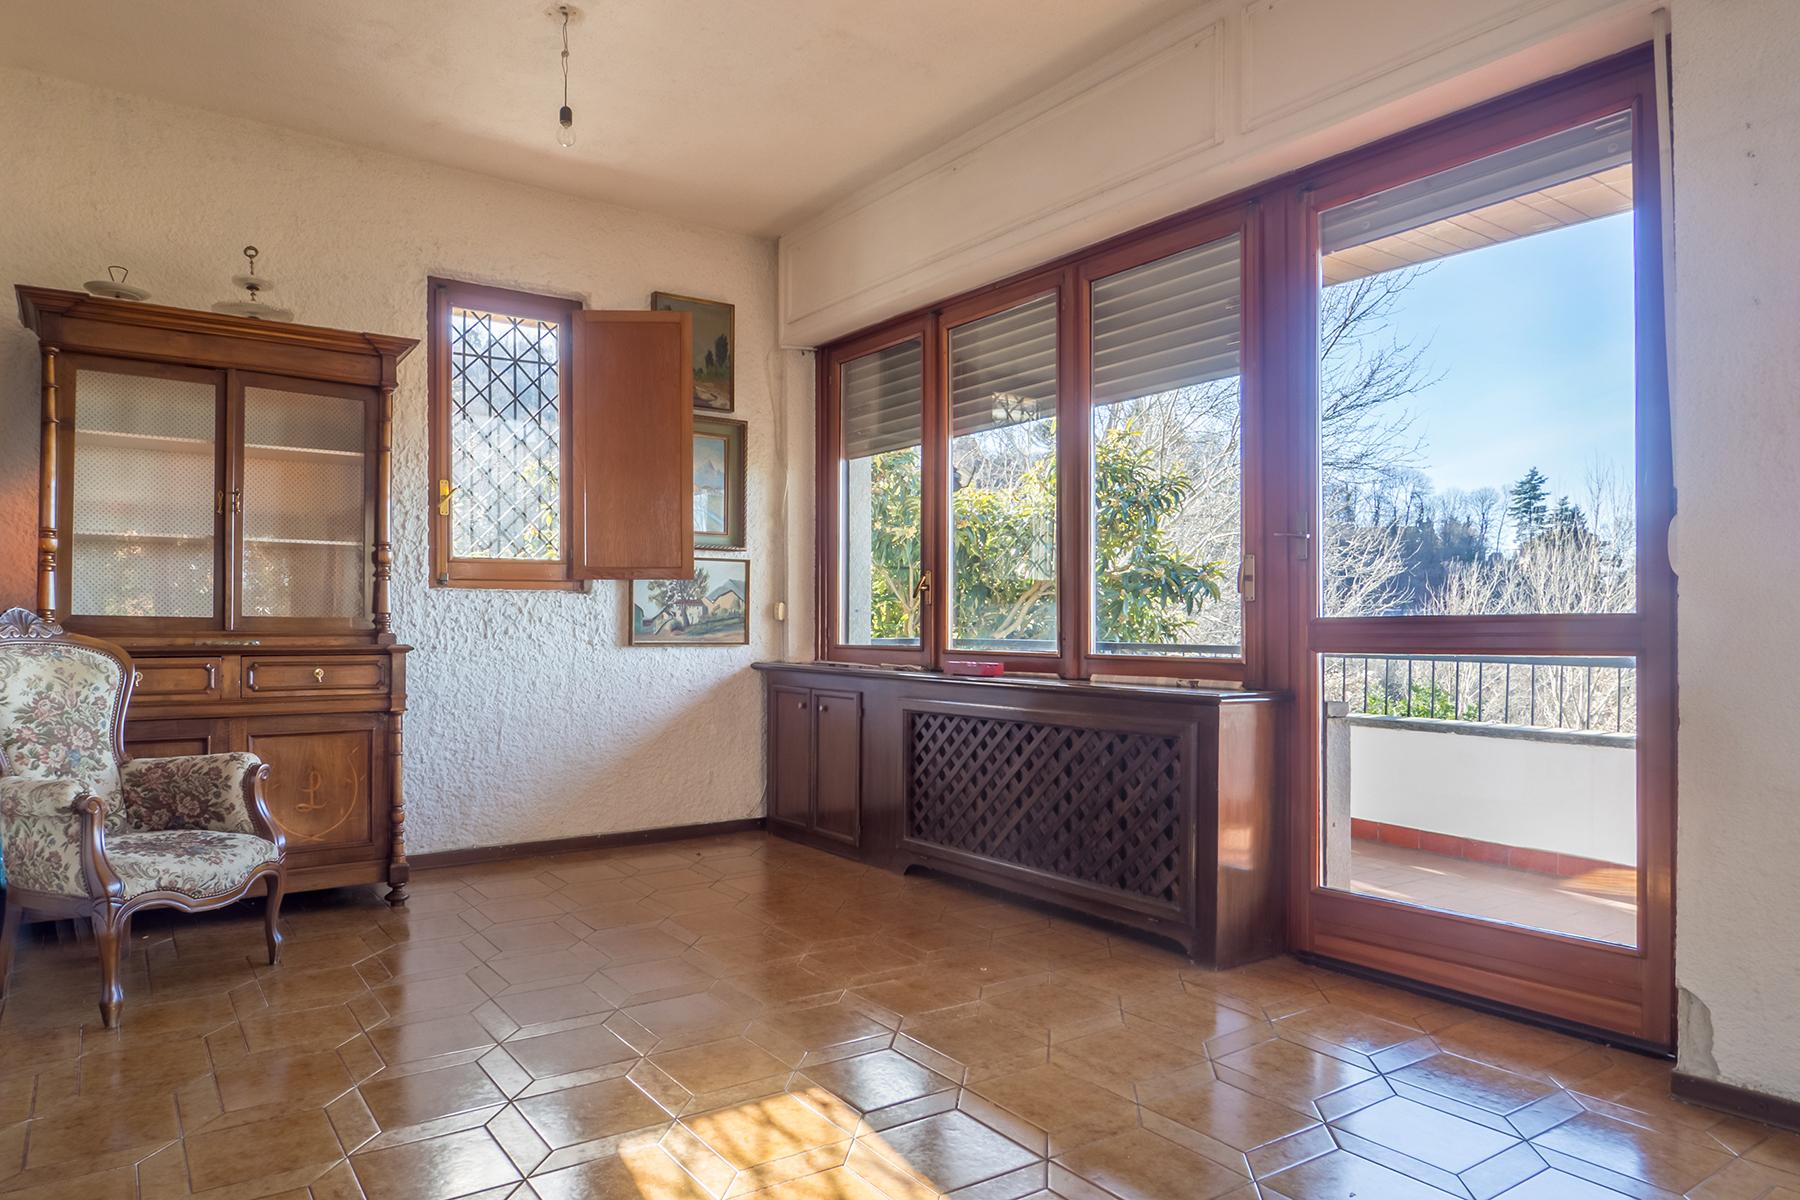 Casa indipendente in Vendita a Moncalieri: 5 locali, 310 mq - Foto 5